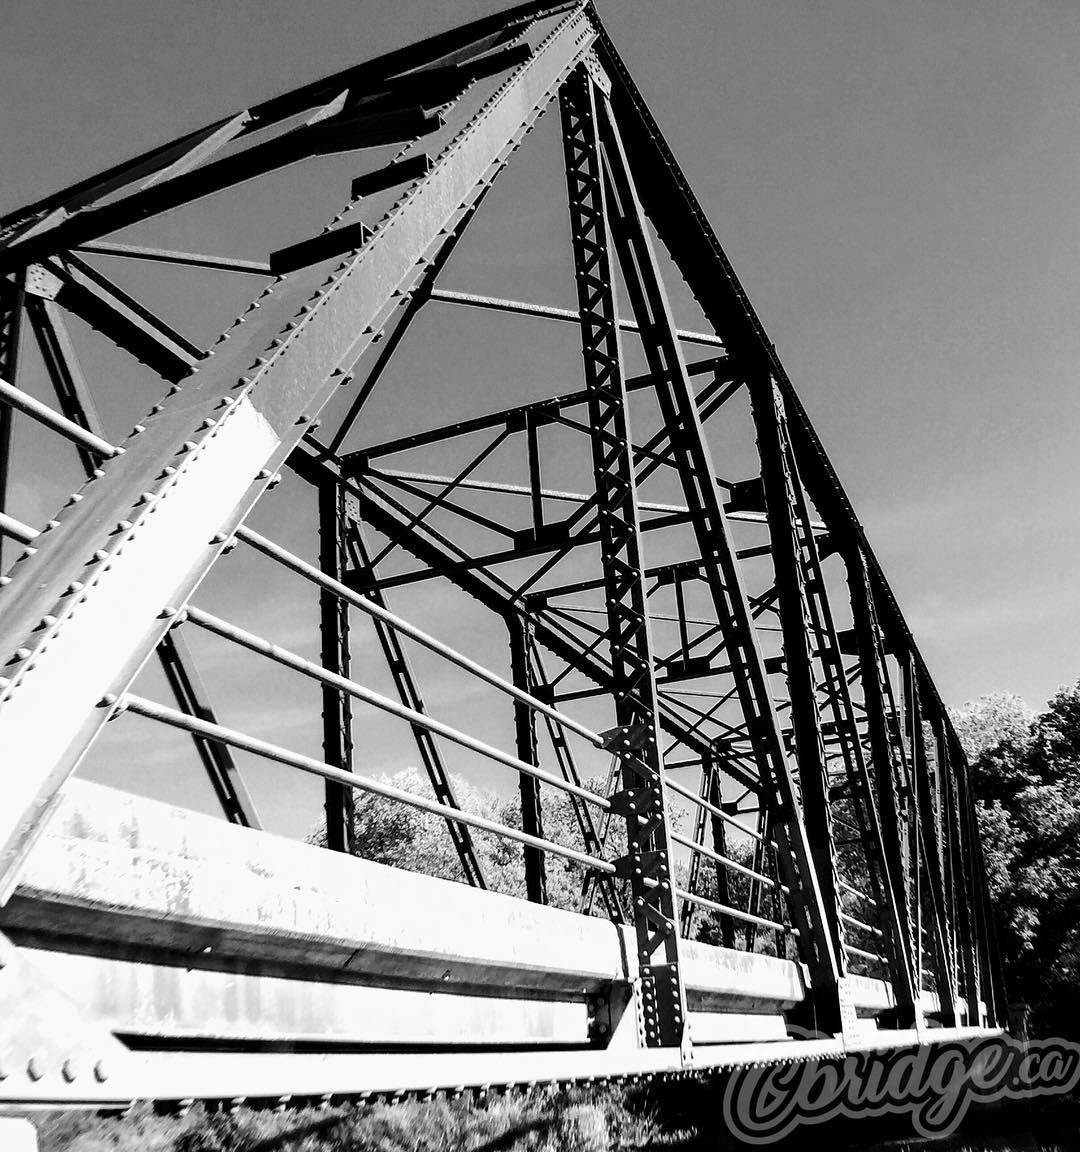 Black Bridge #cbridge #mycbridge